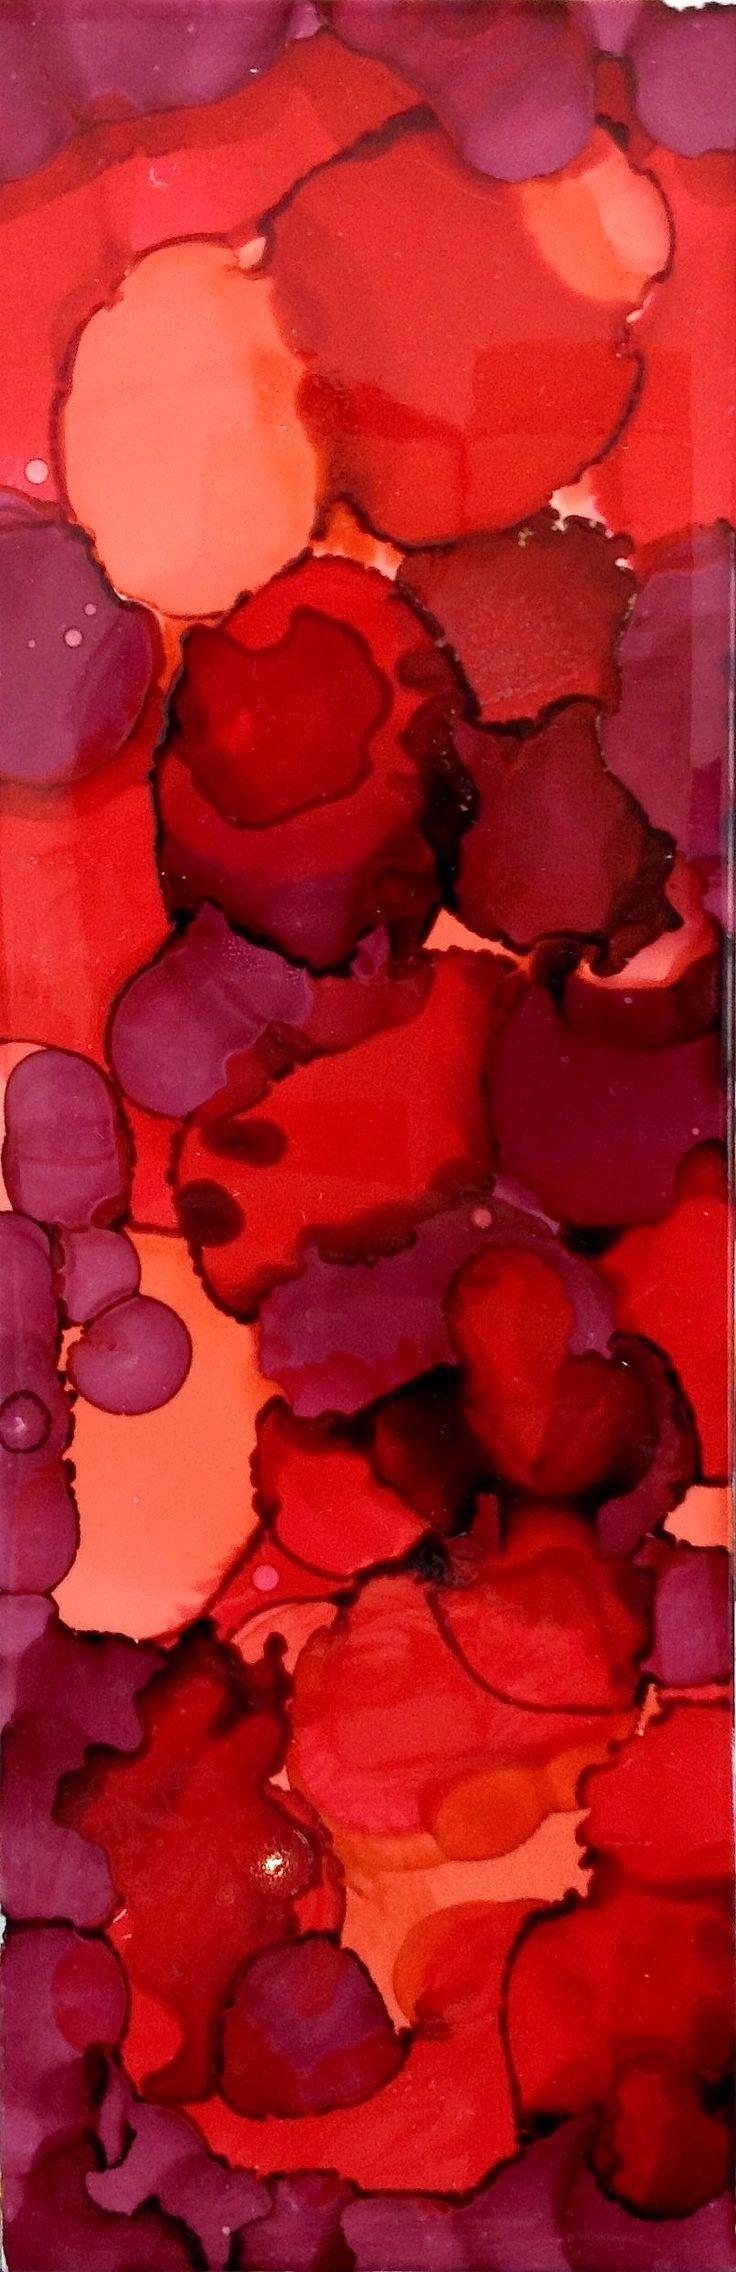 Alcohol ink on ceramic  #abstractart #jamesstbne #alcoholink #brisbane #jamesst